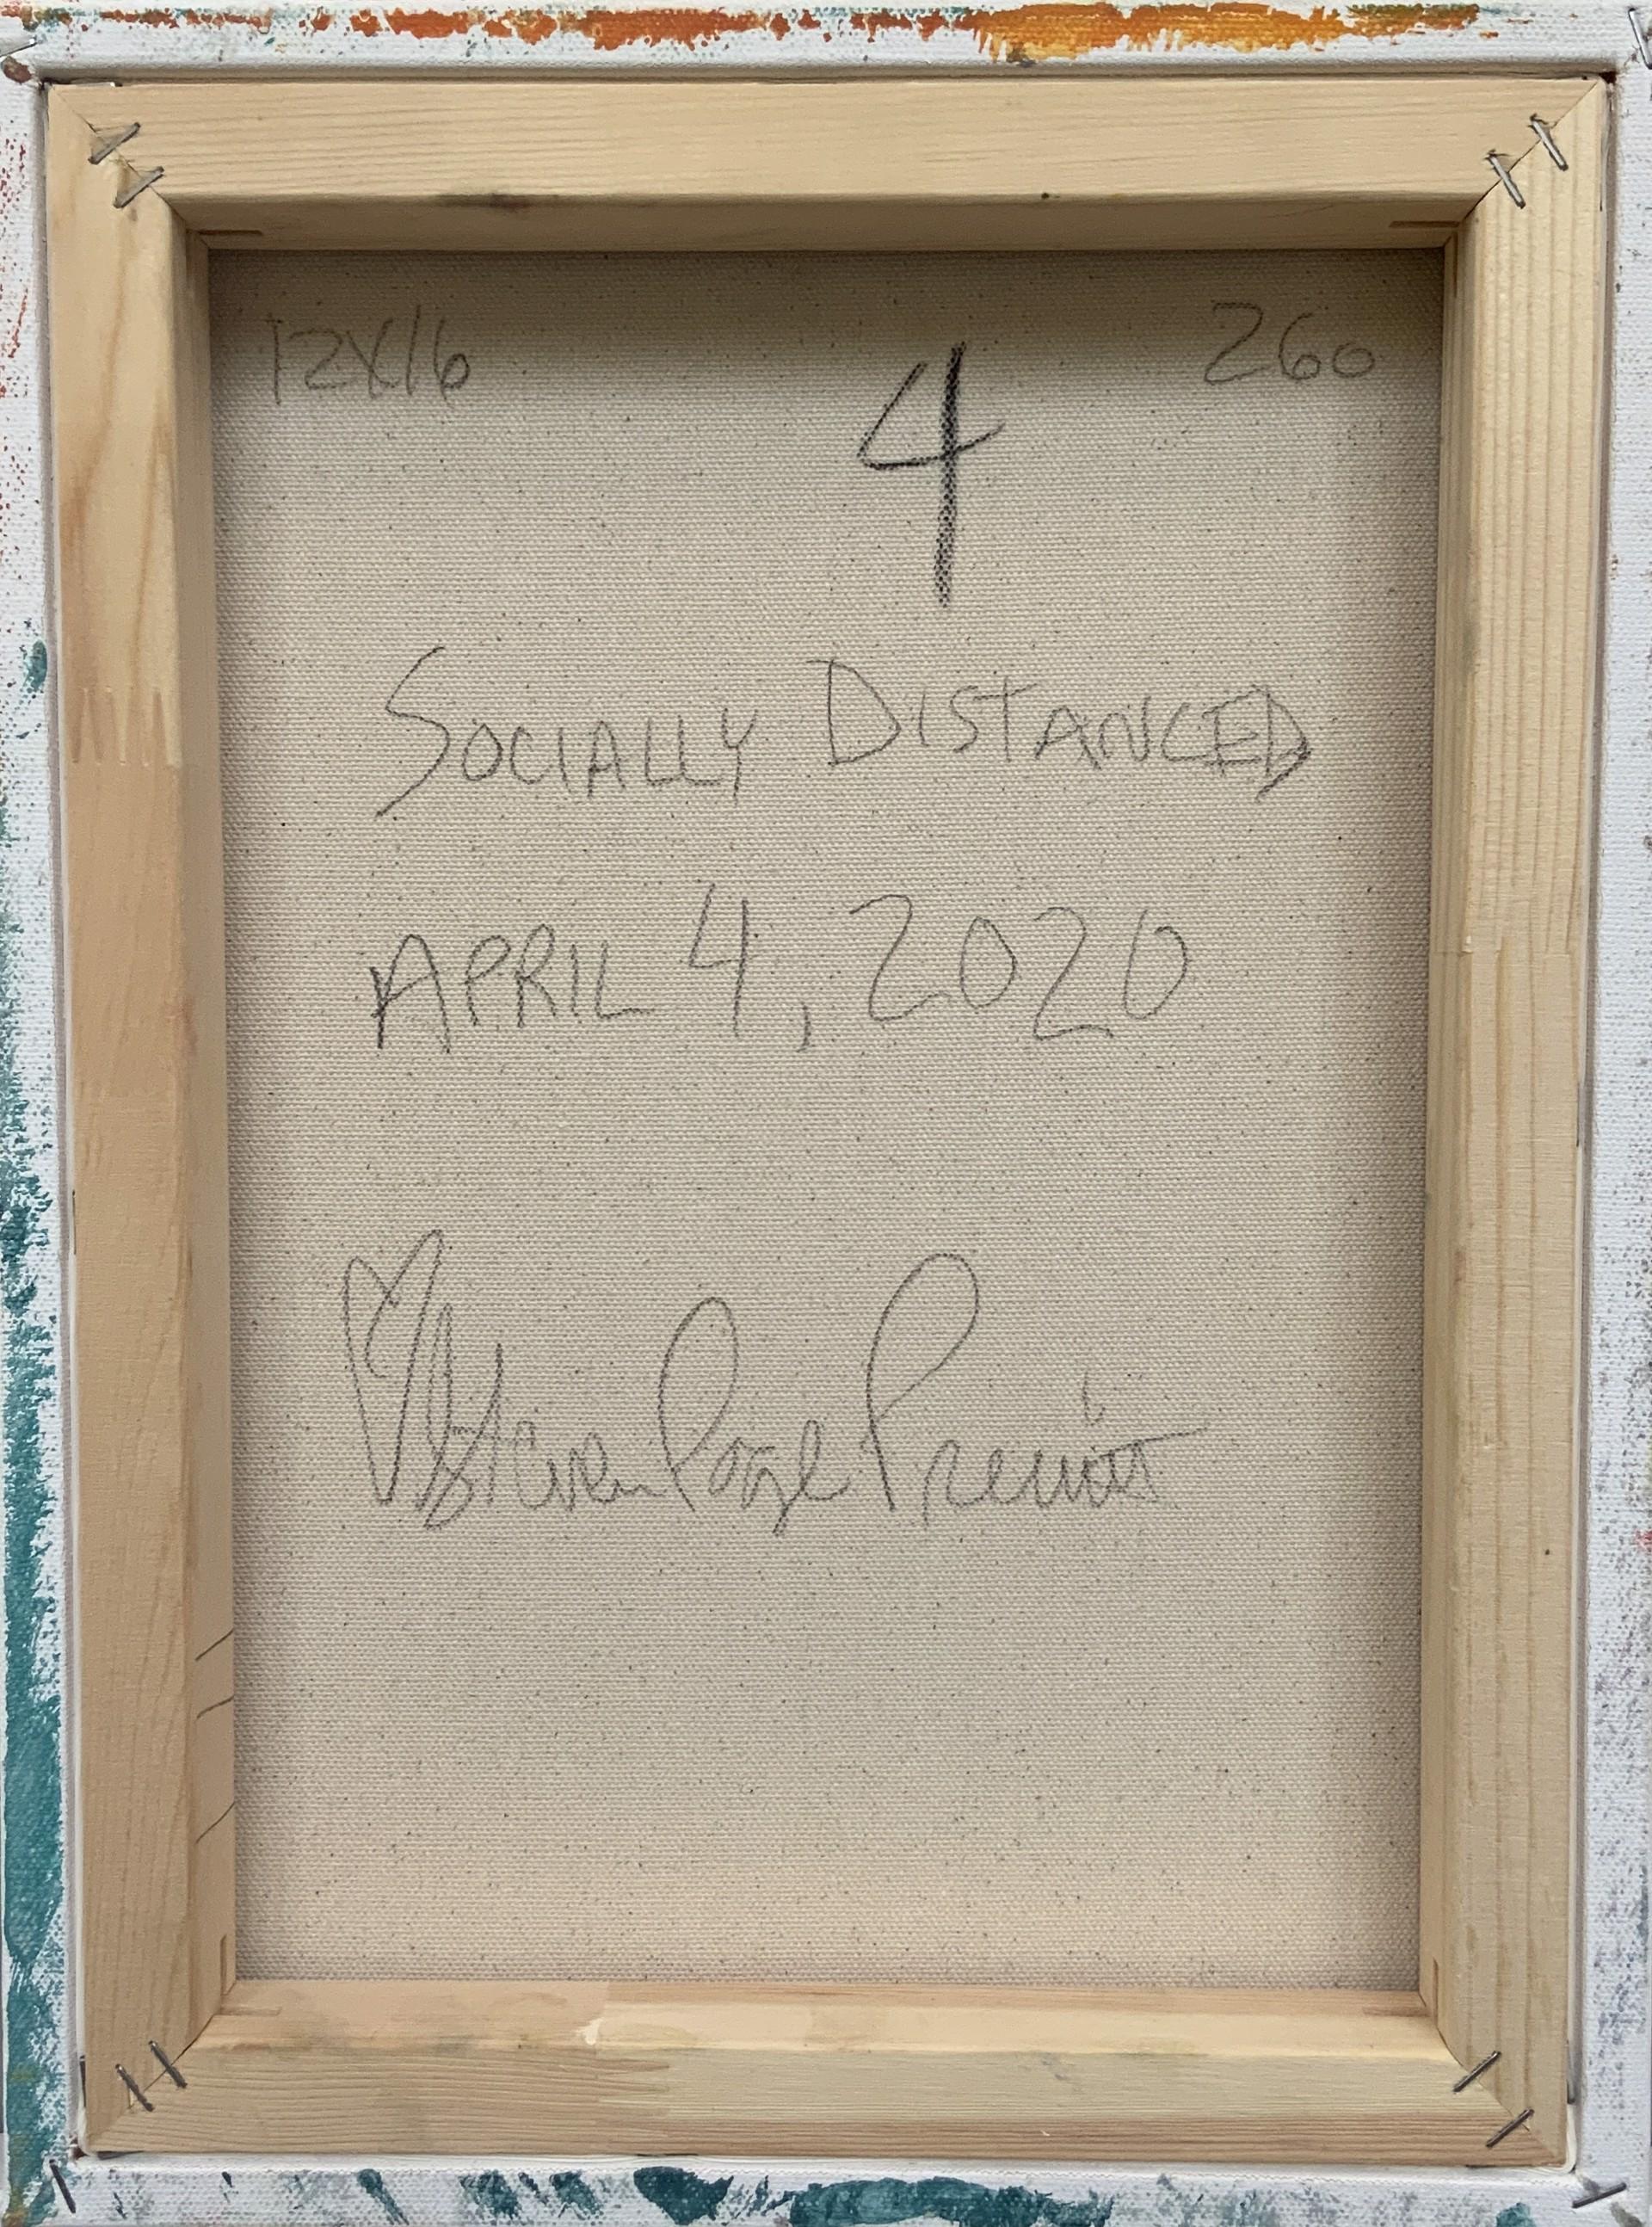 Socially Distanced 4 by stevenpage prewitt